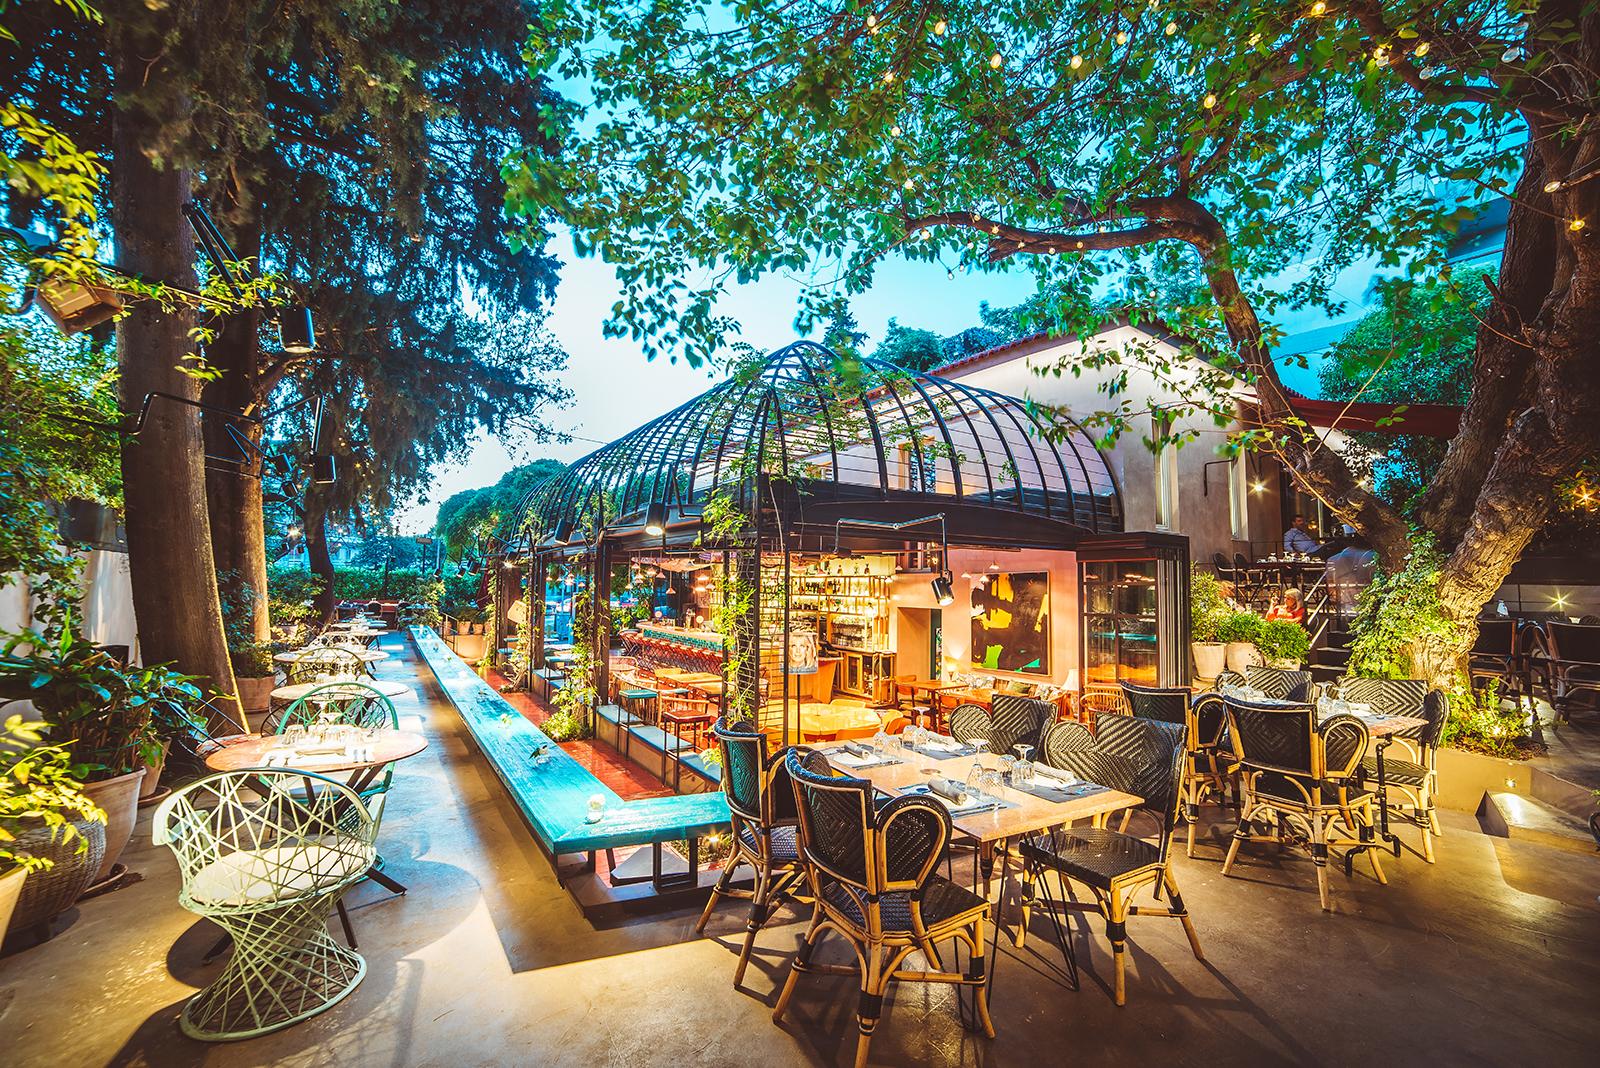 Artisanal Lounge & Gardens, Bar-restaurant